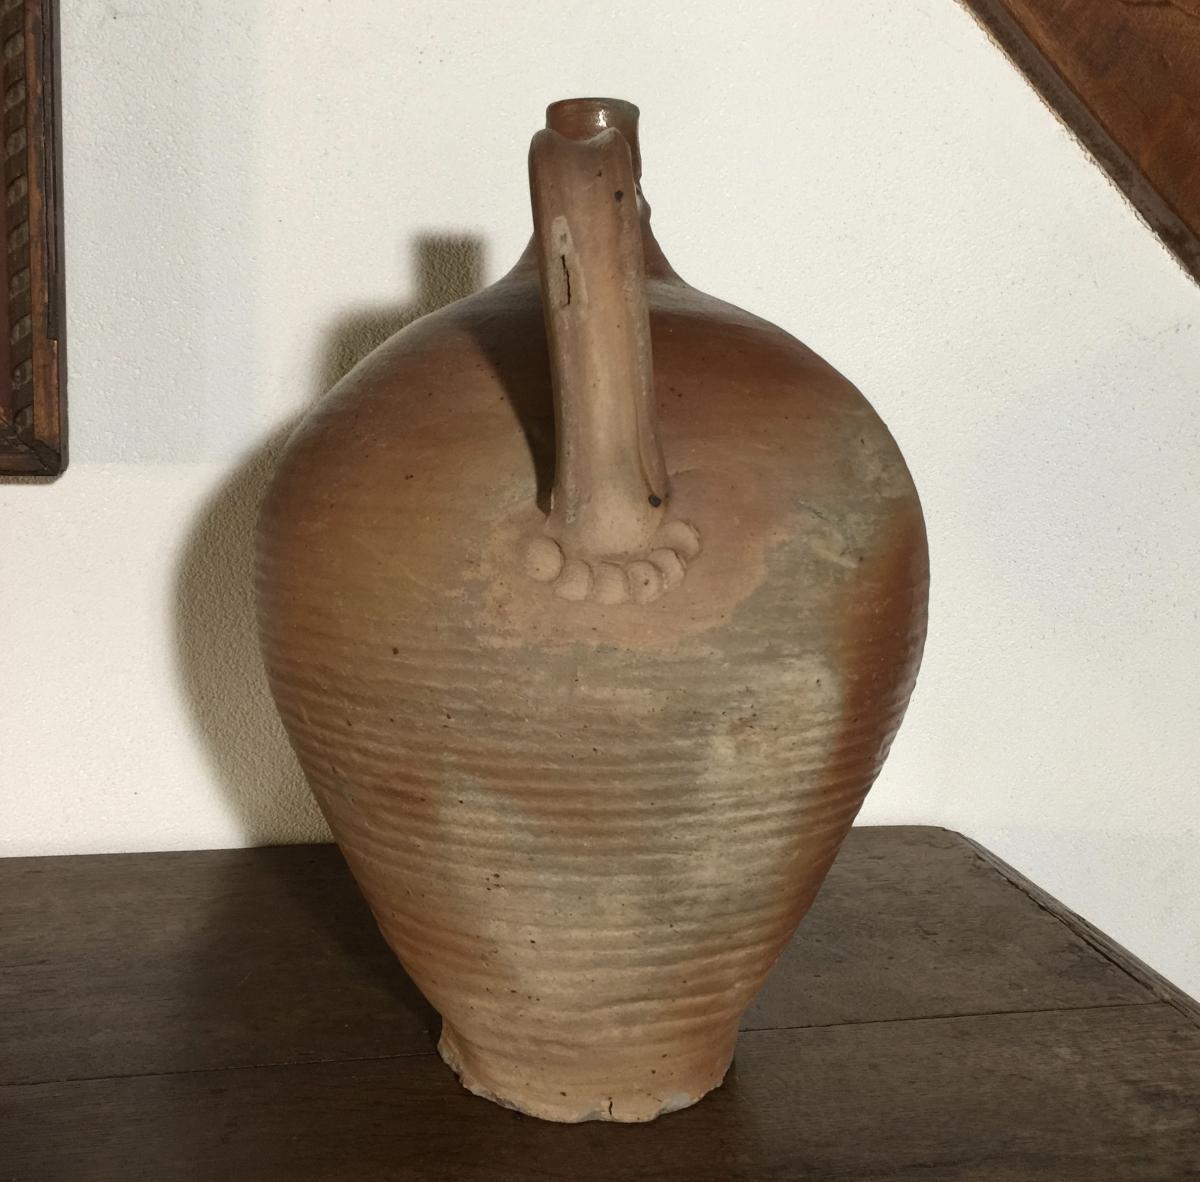 Cruche de Martincamp - Grès XIXème - Poterie de Normandie - Art Populaire-photo-3